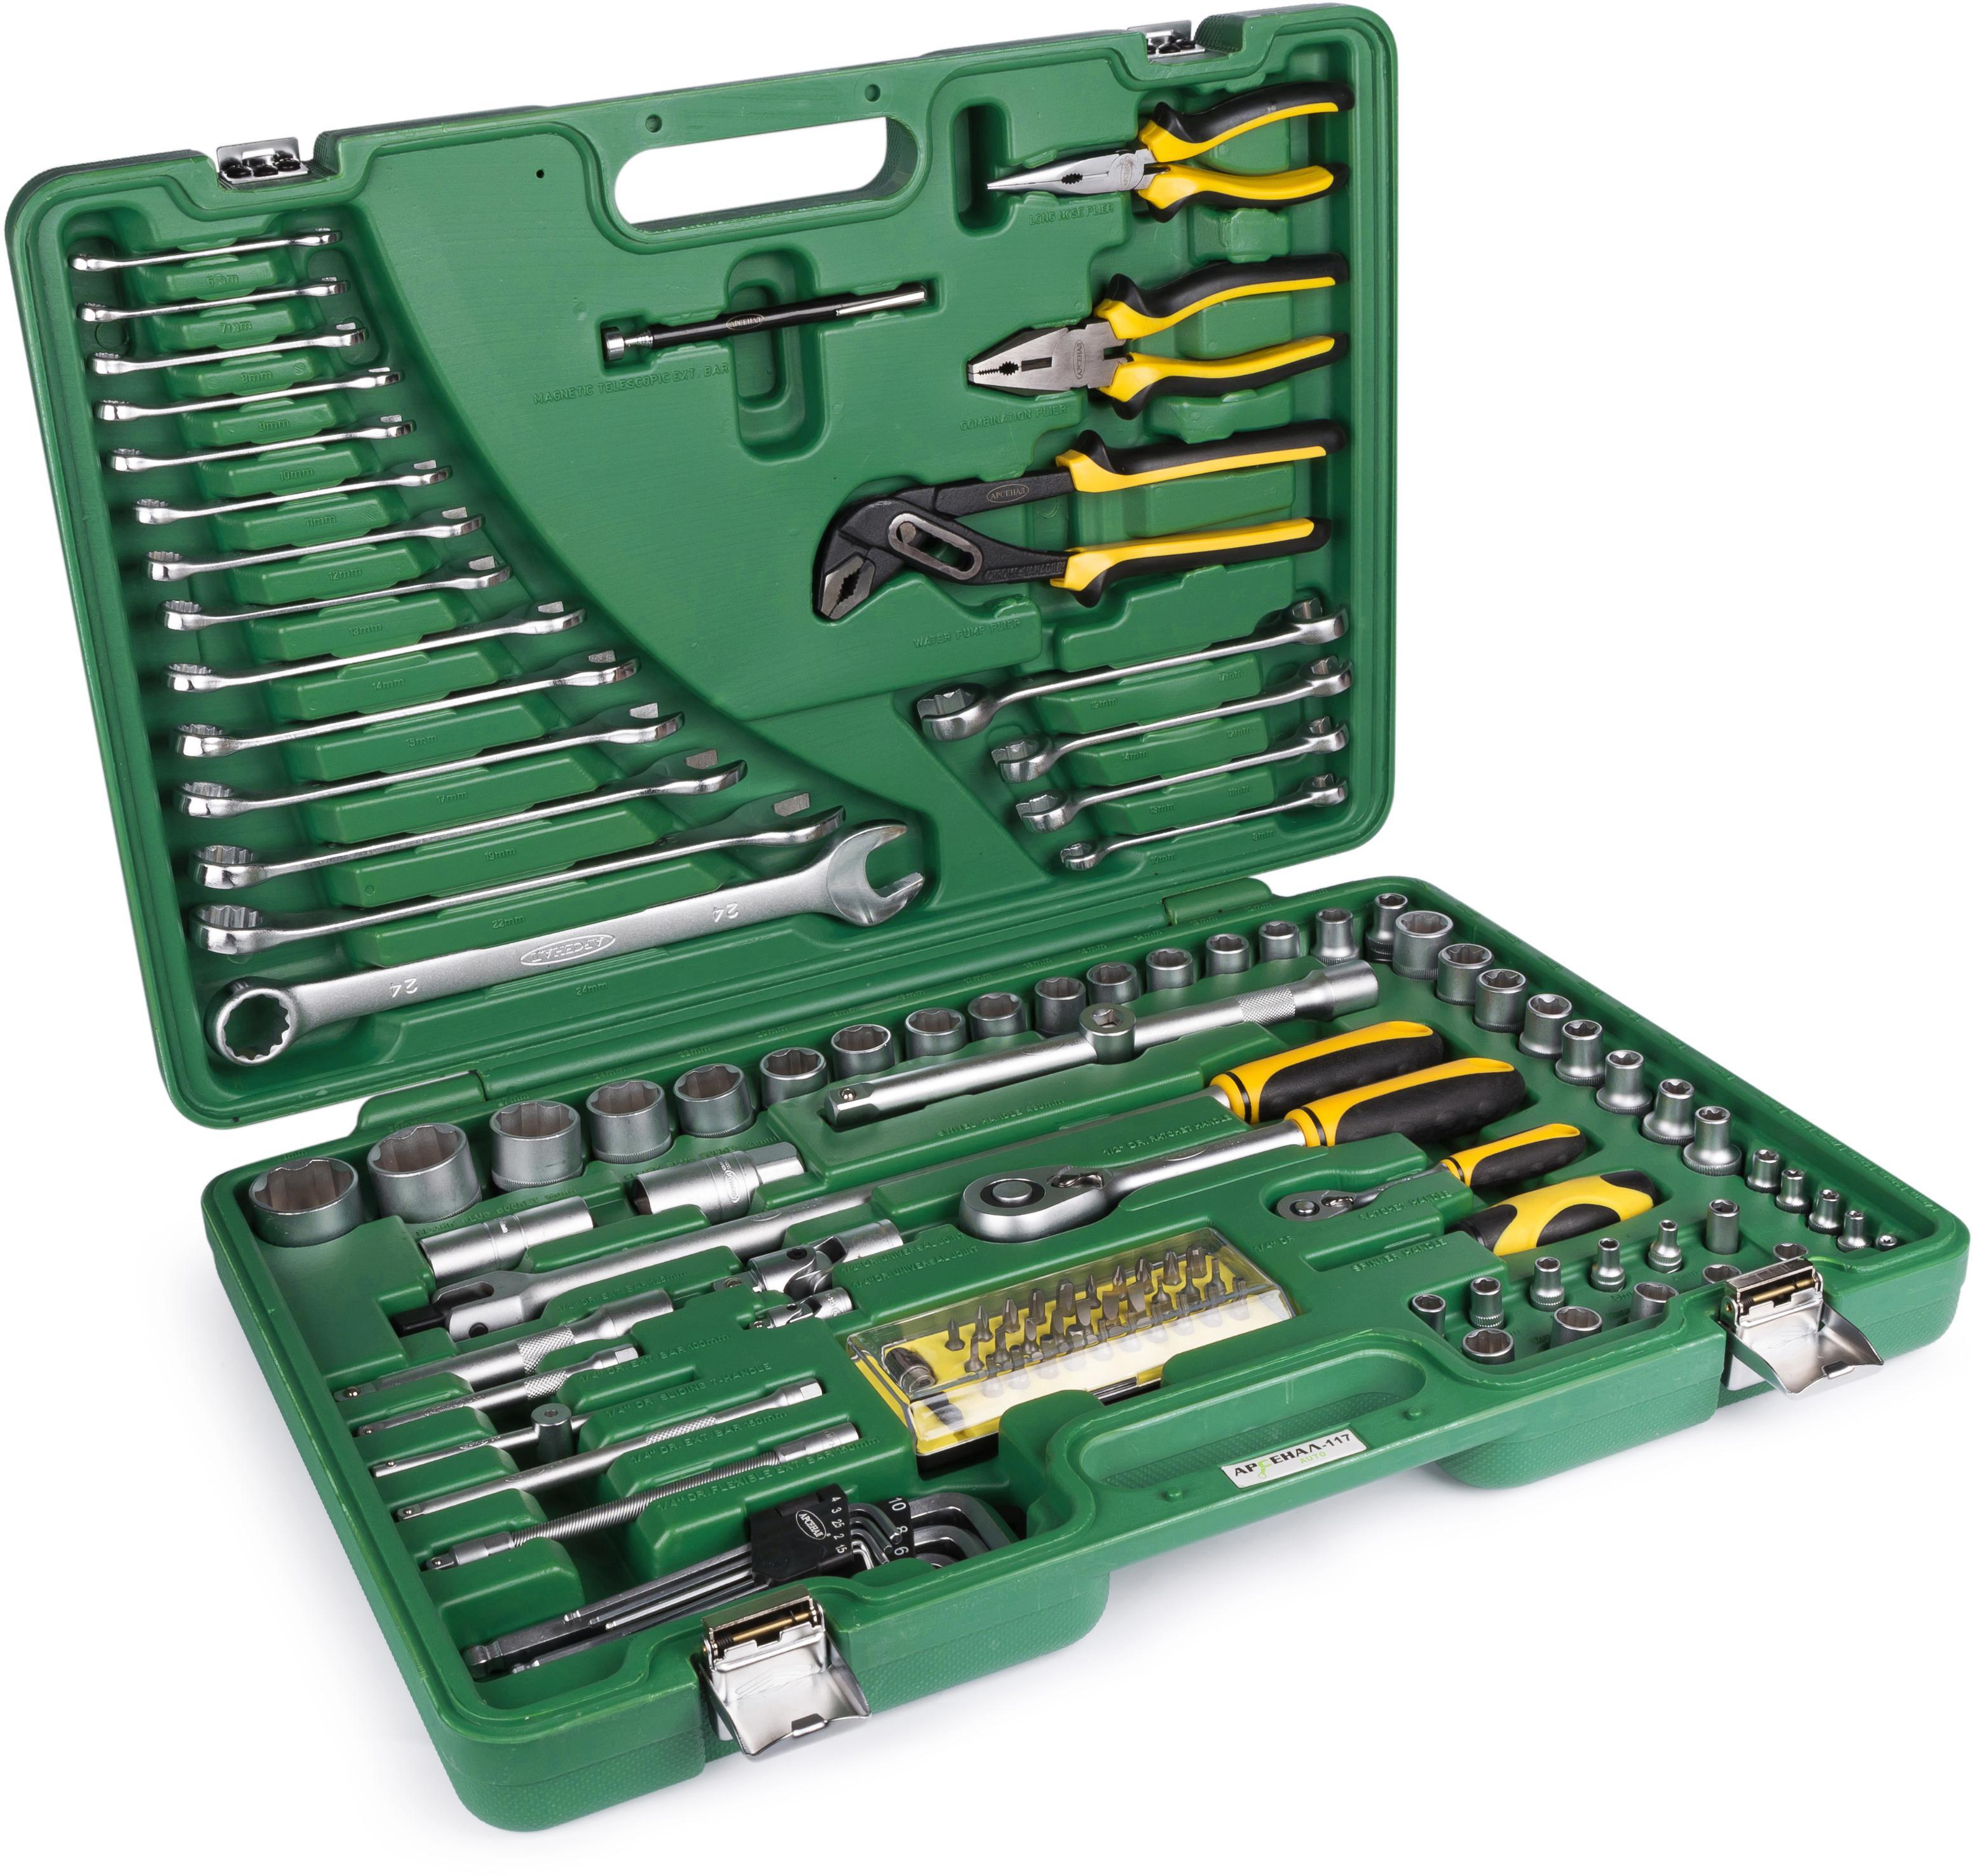 Набор инструментов универсальный АРСЕНАЛ Aa-c1412p117  набор инструмента арсенал aa c1412p94 для ваз